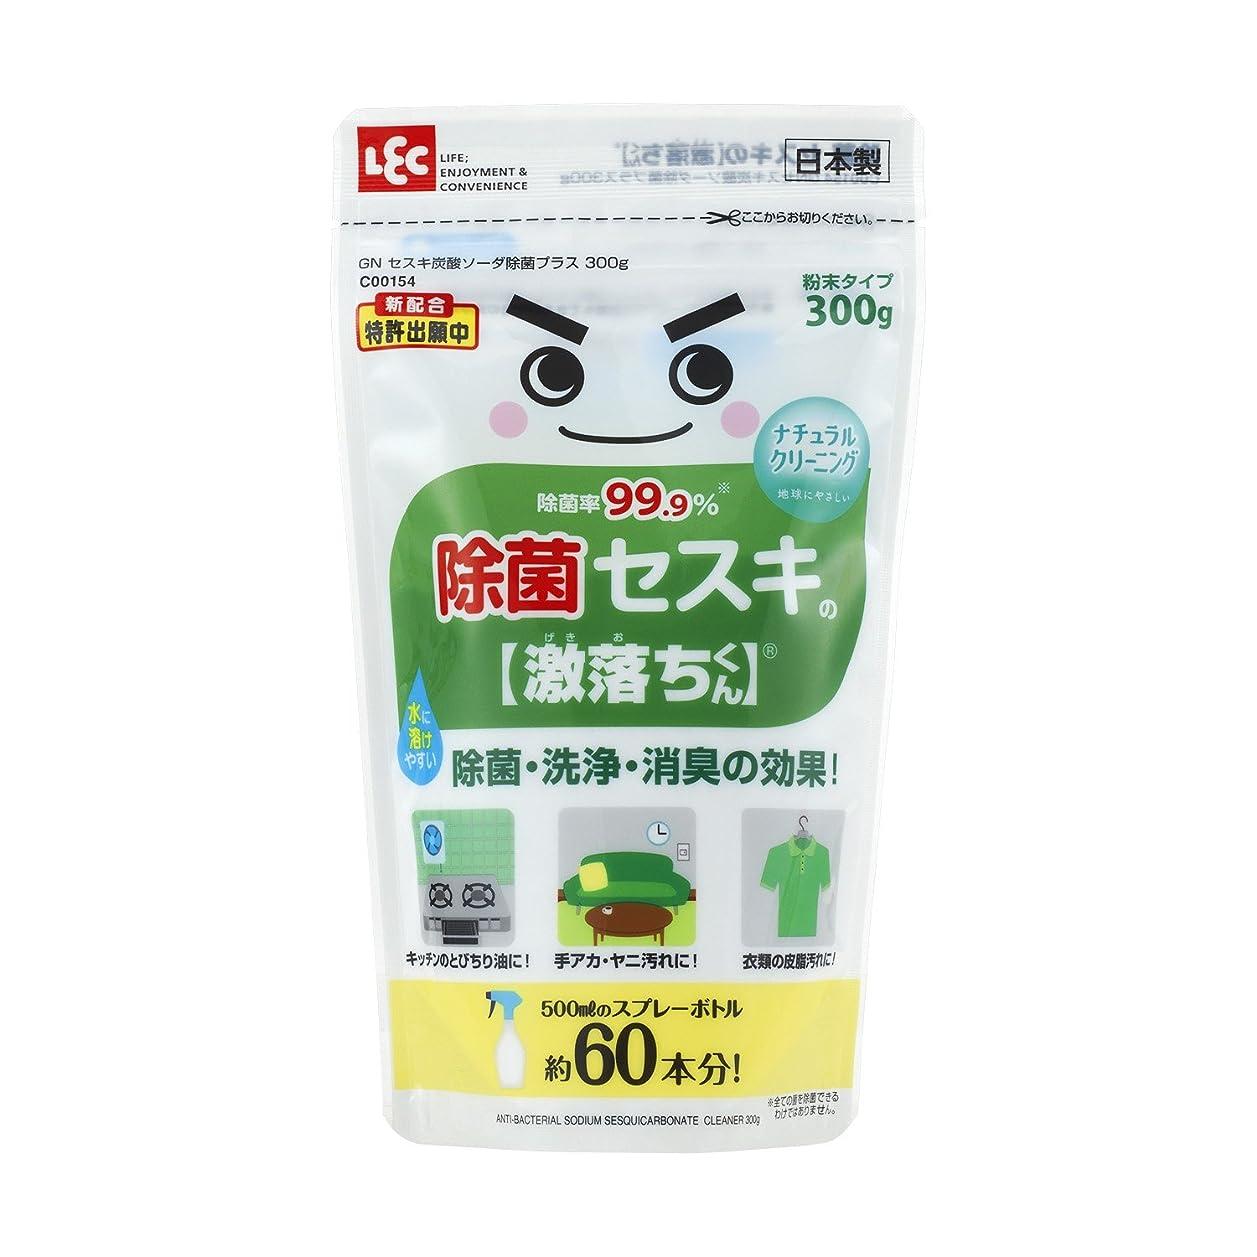 おばあさん嫉妬邪魔除菌率99.9% セスキの激落ちくん 粉末タイプ 300g (セスキ炭酸ソーダ)